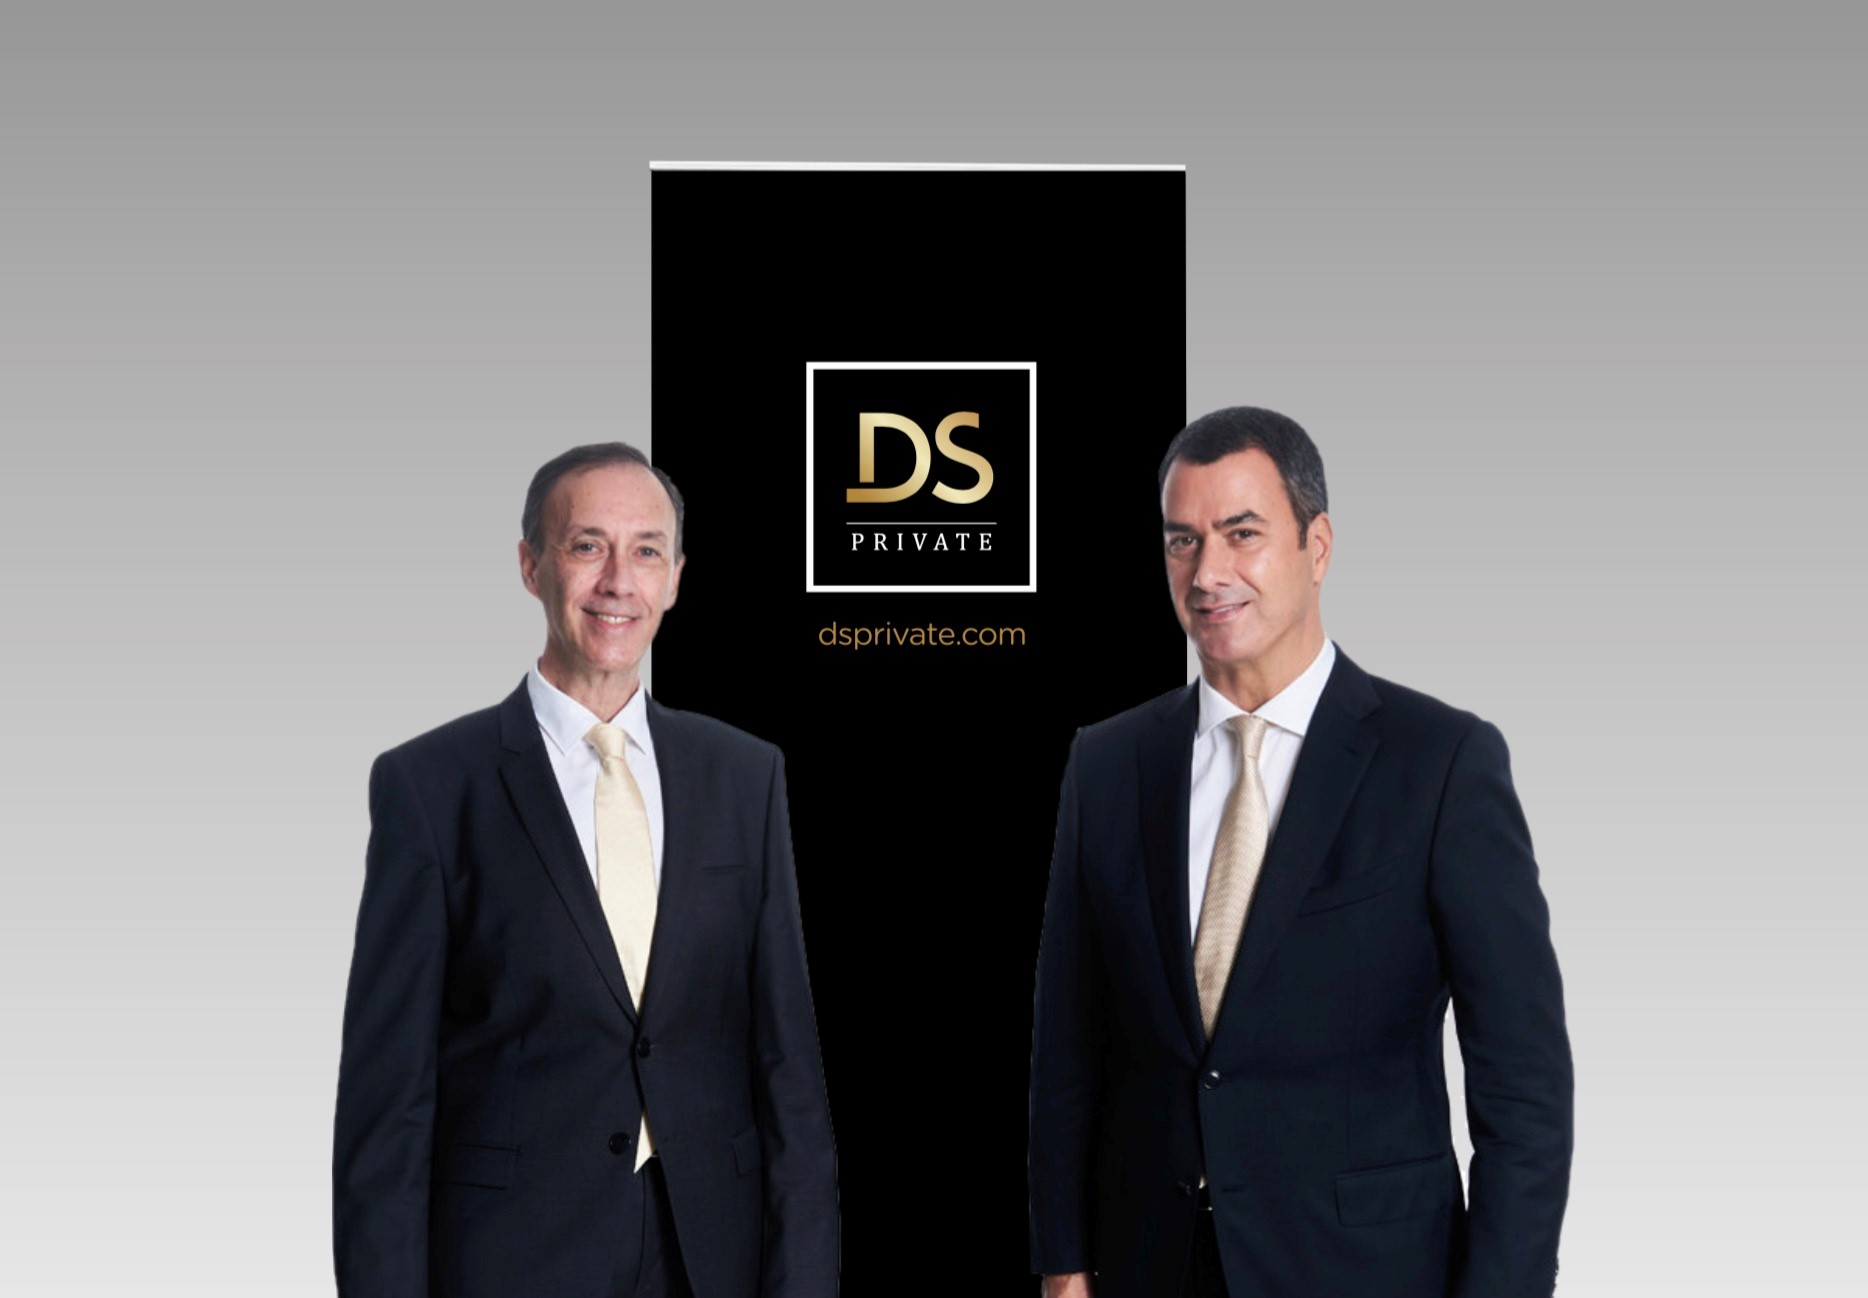 Adriano Nogueira Pinto e Paulo Abrantes, do grupo DS / DS